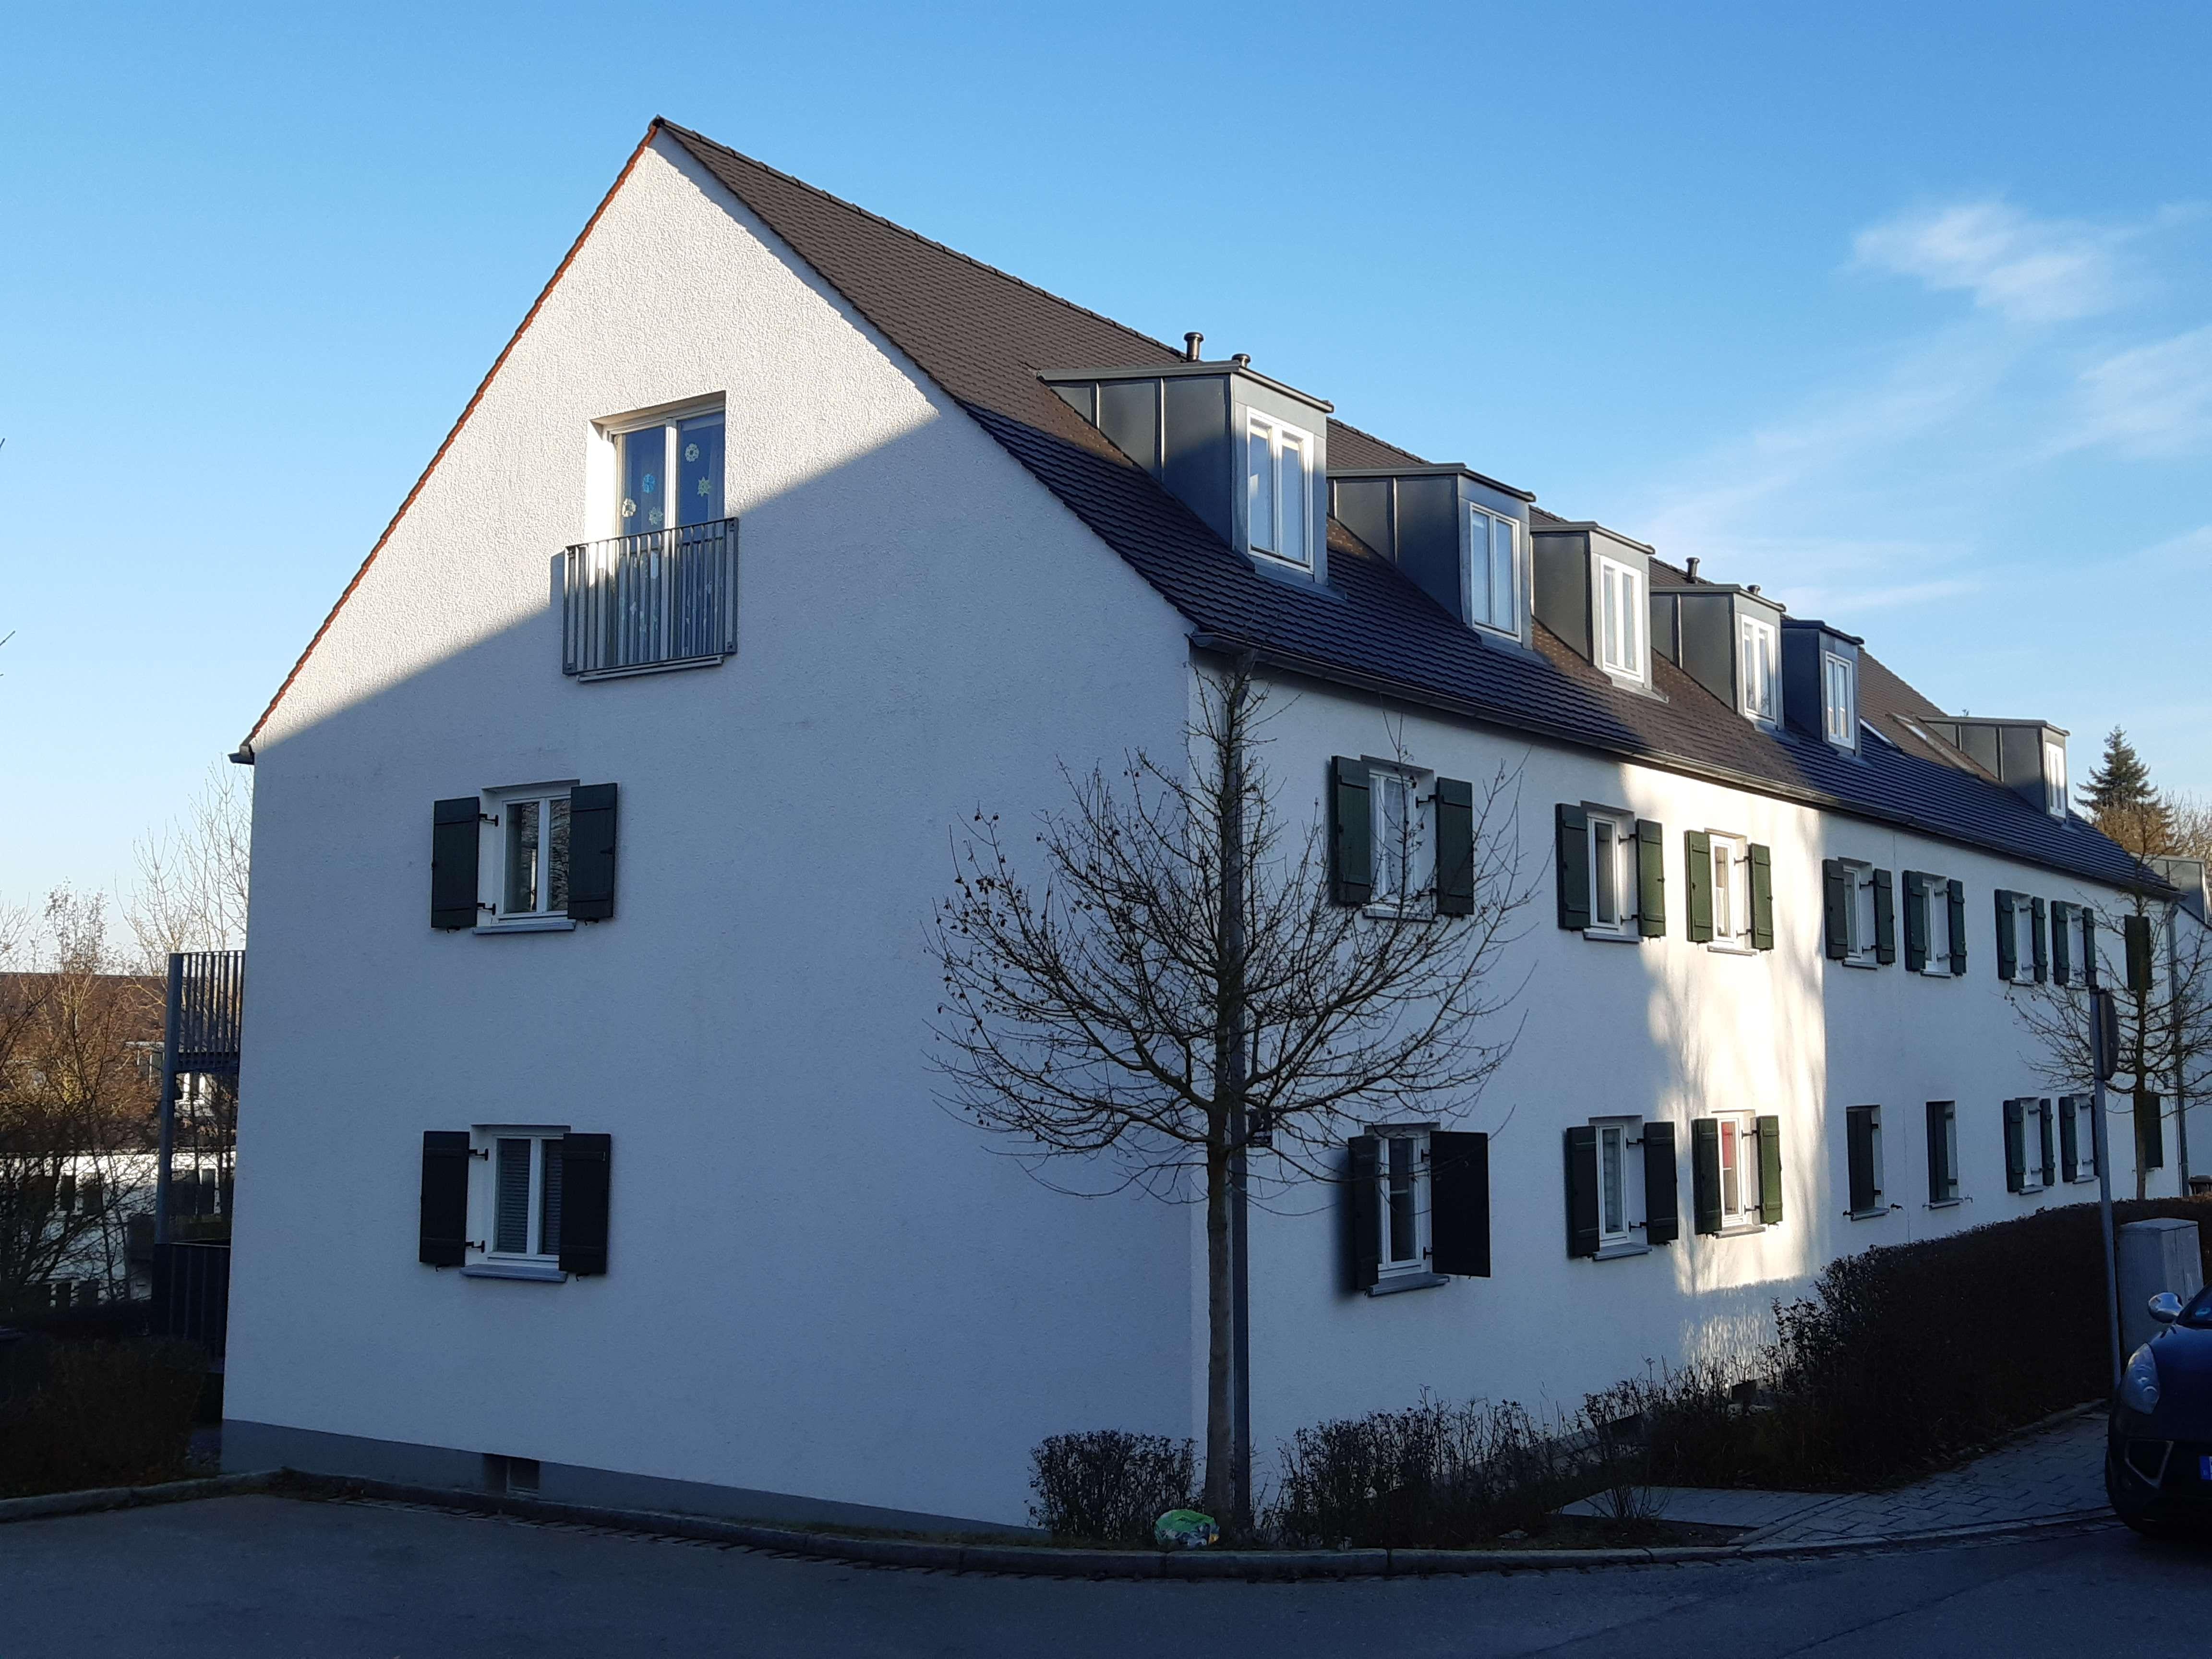 Traumhafte 3 Zimmer DG-Wohnung in der Grünen Mitte!! in Kumpfmühl-Ziegetsdorf-Neuprüll (Regensburg)